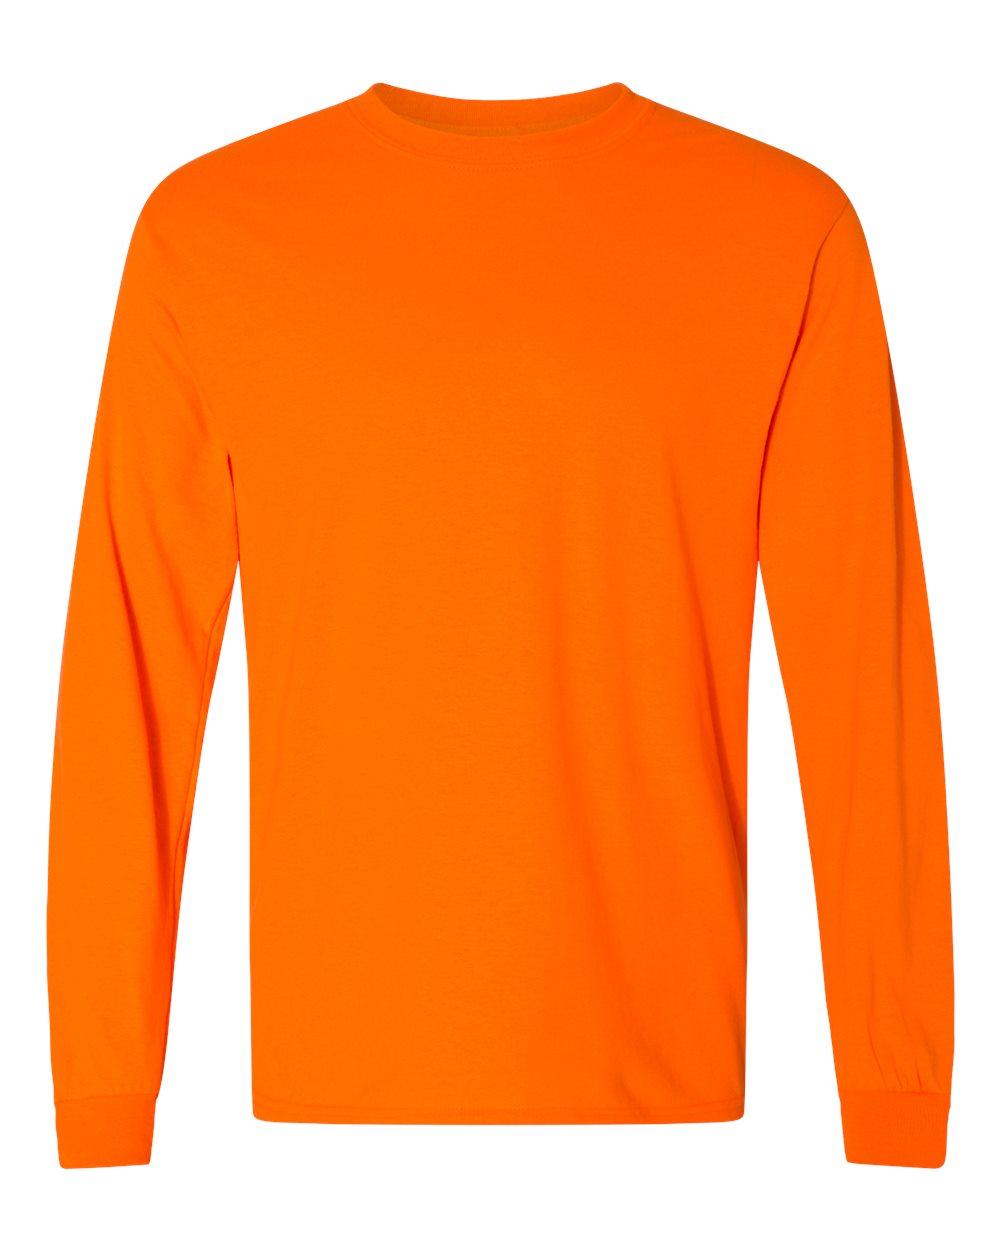 Gildan-Mens-Blank-DryBlend-50-50-Cotton-Long-Sleeve-T-Shirt-8400-up-to-3XL miniature 42